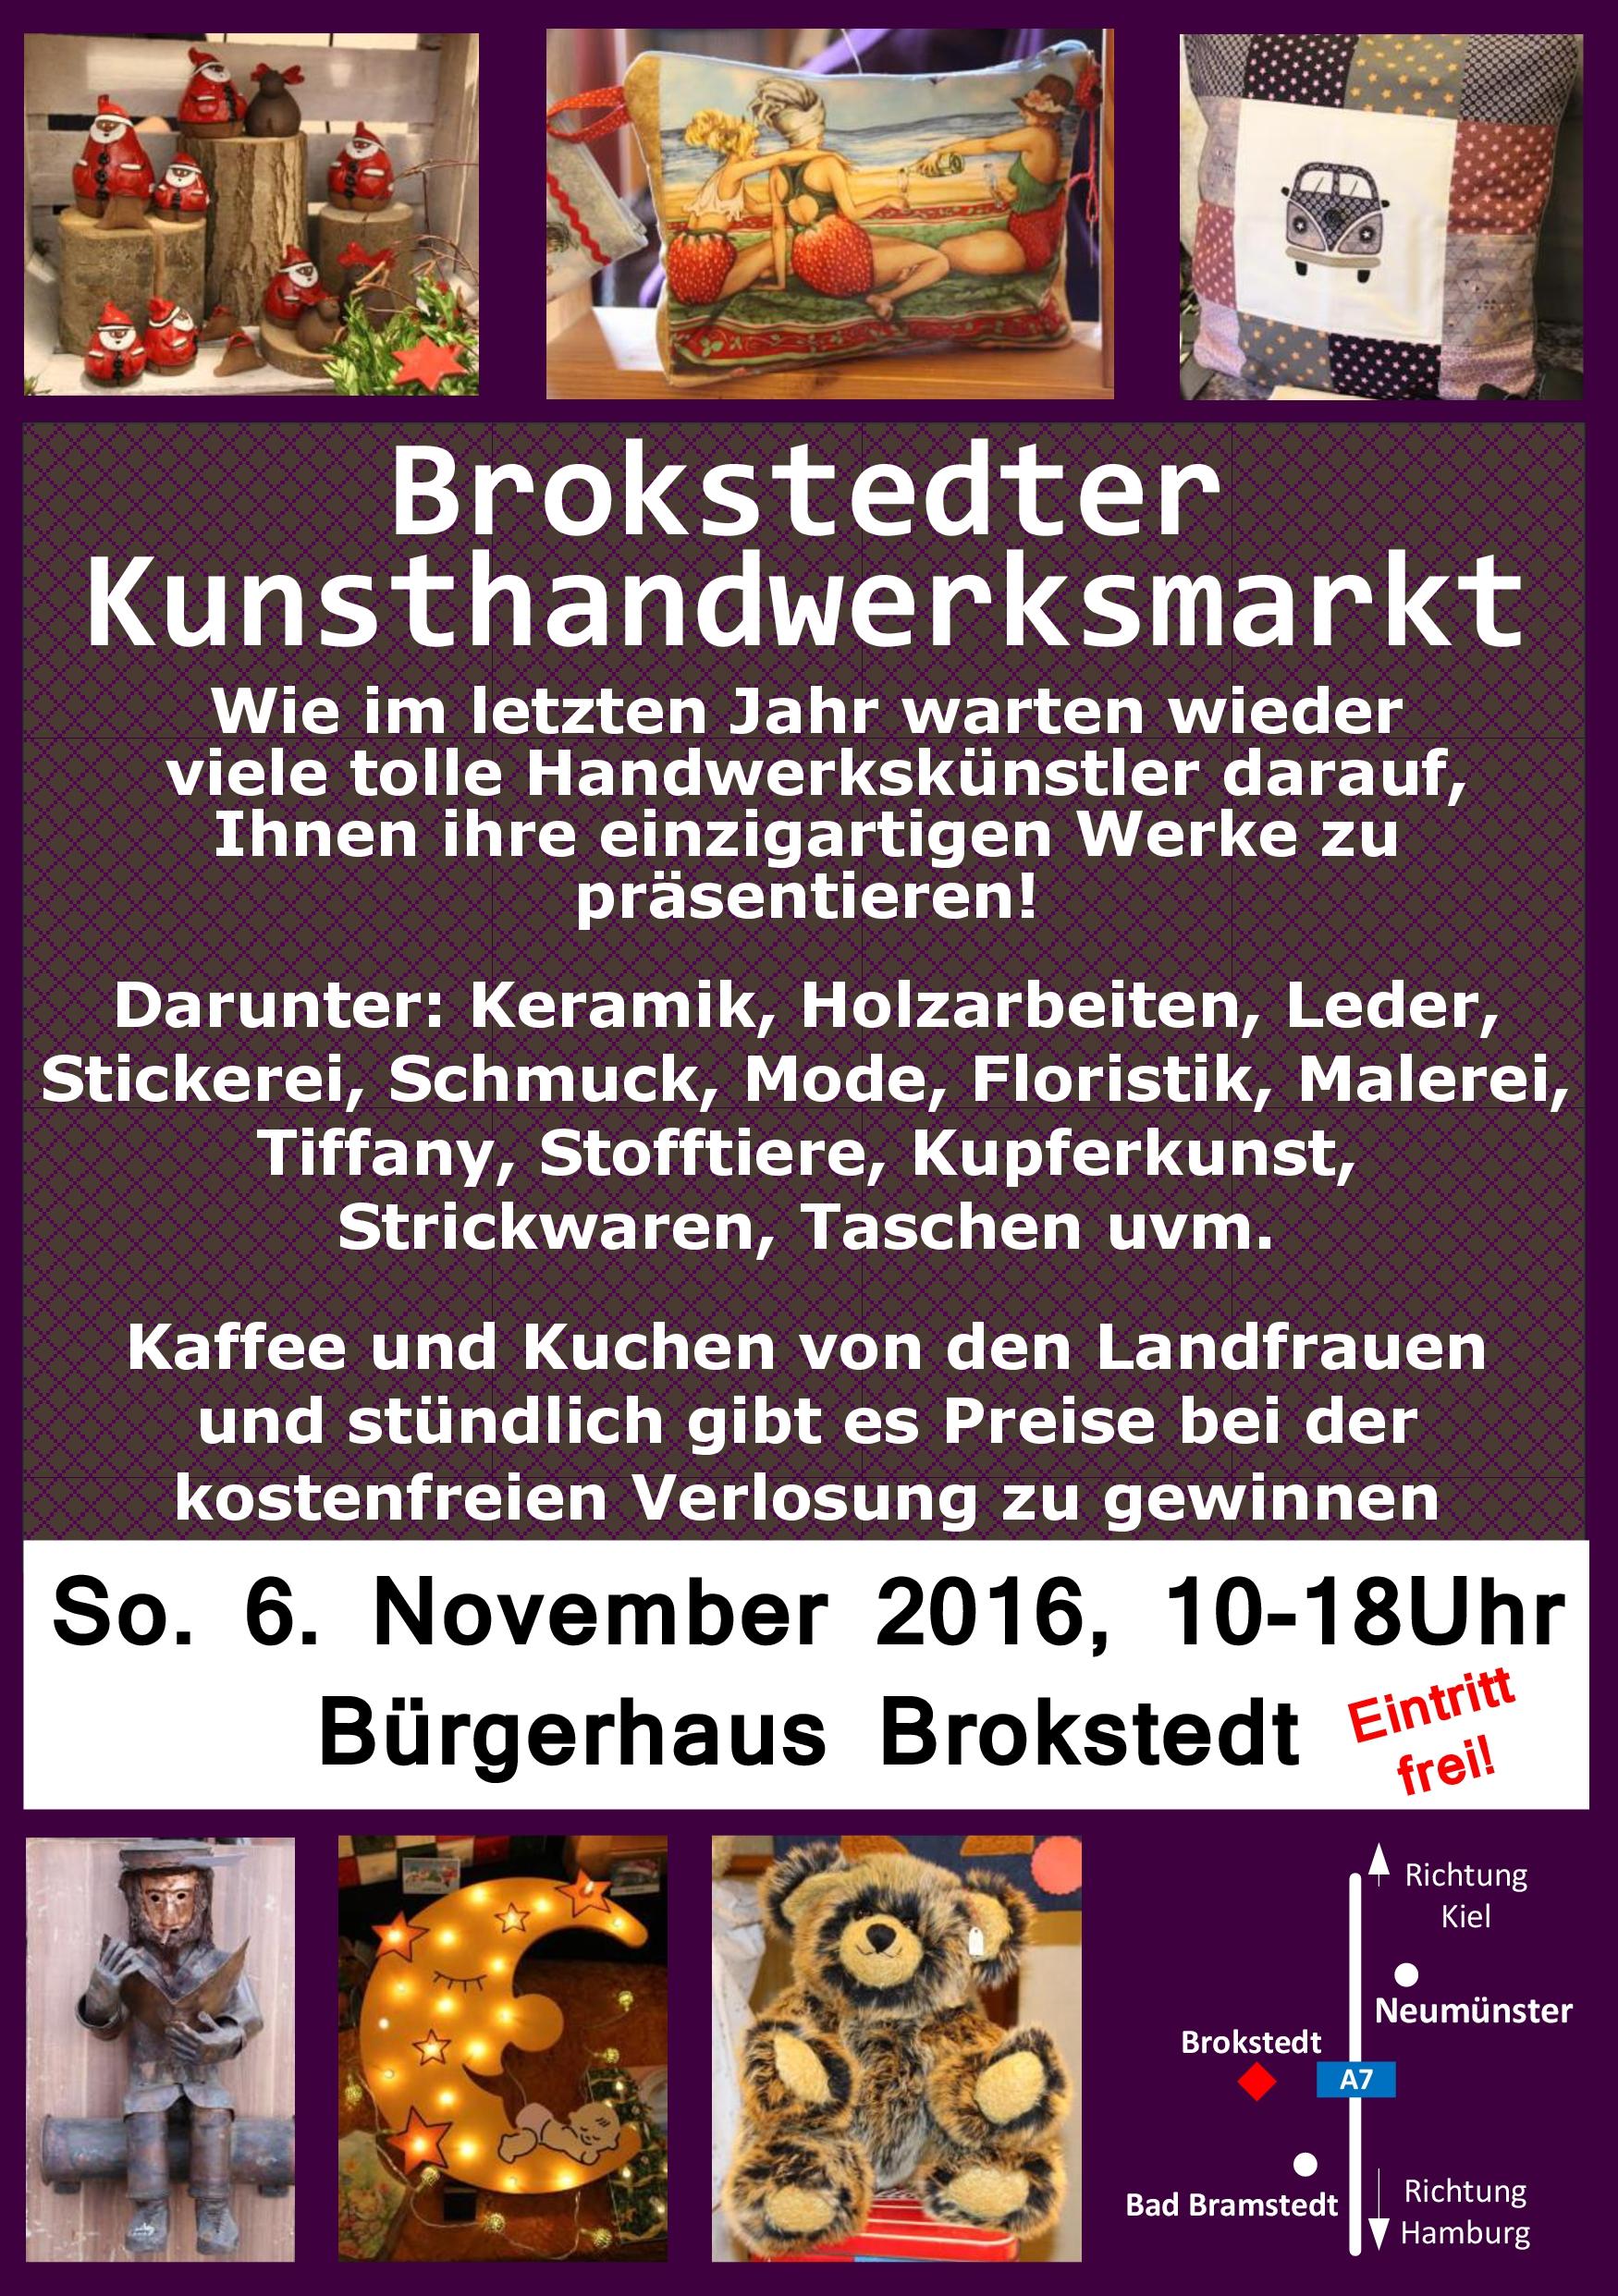 Brokstedter Kunsthandwerksmarkt